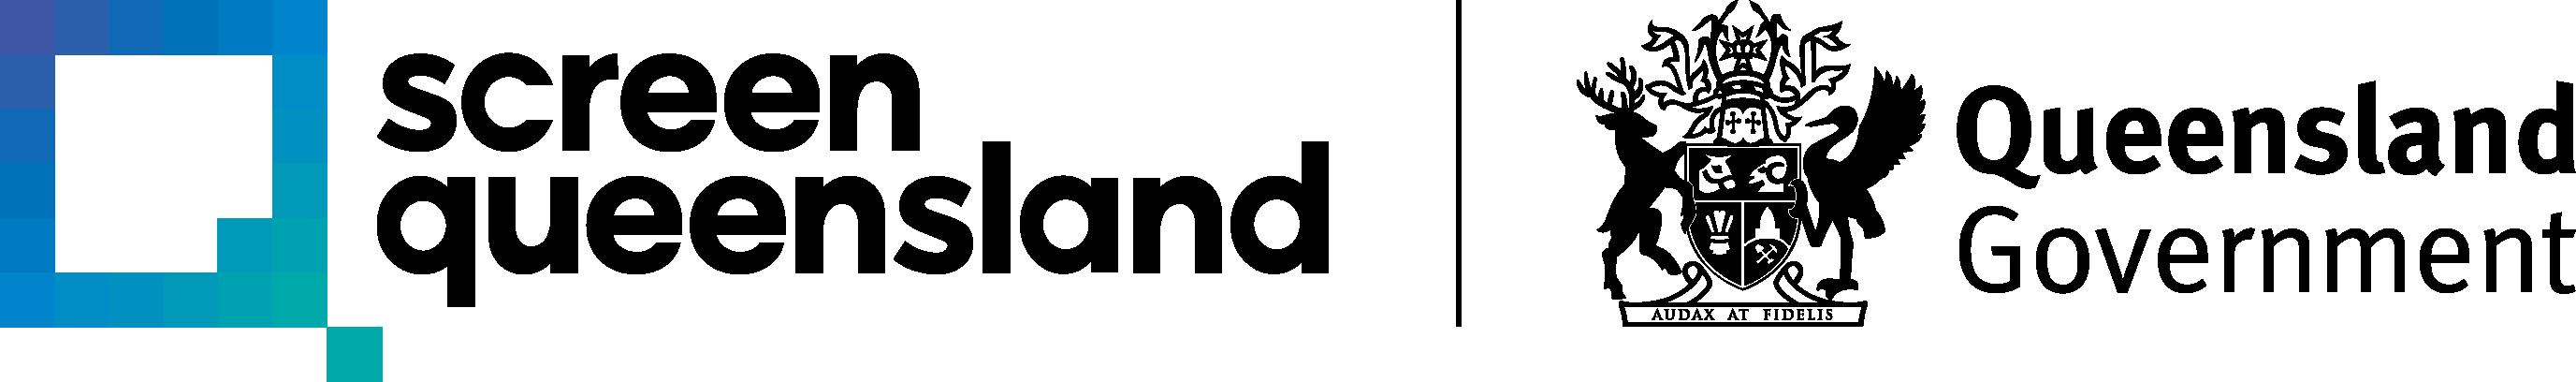 8674C773-9CD8-4D91-A855-1A9D953ADBF8